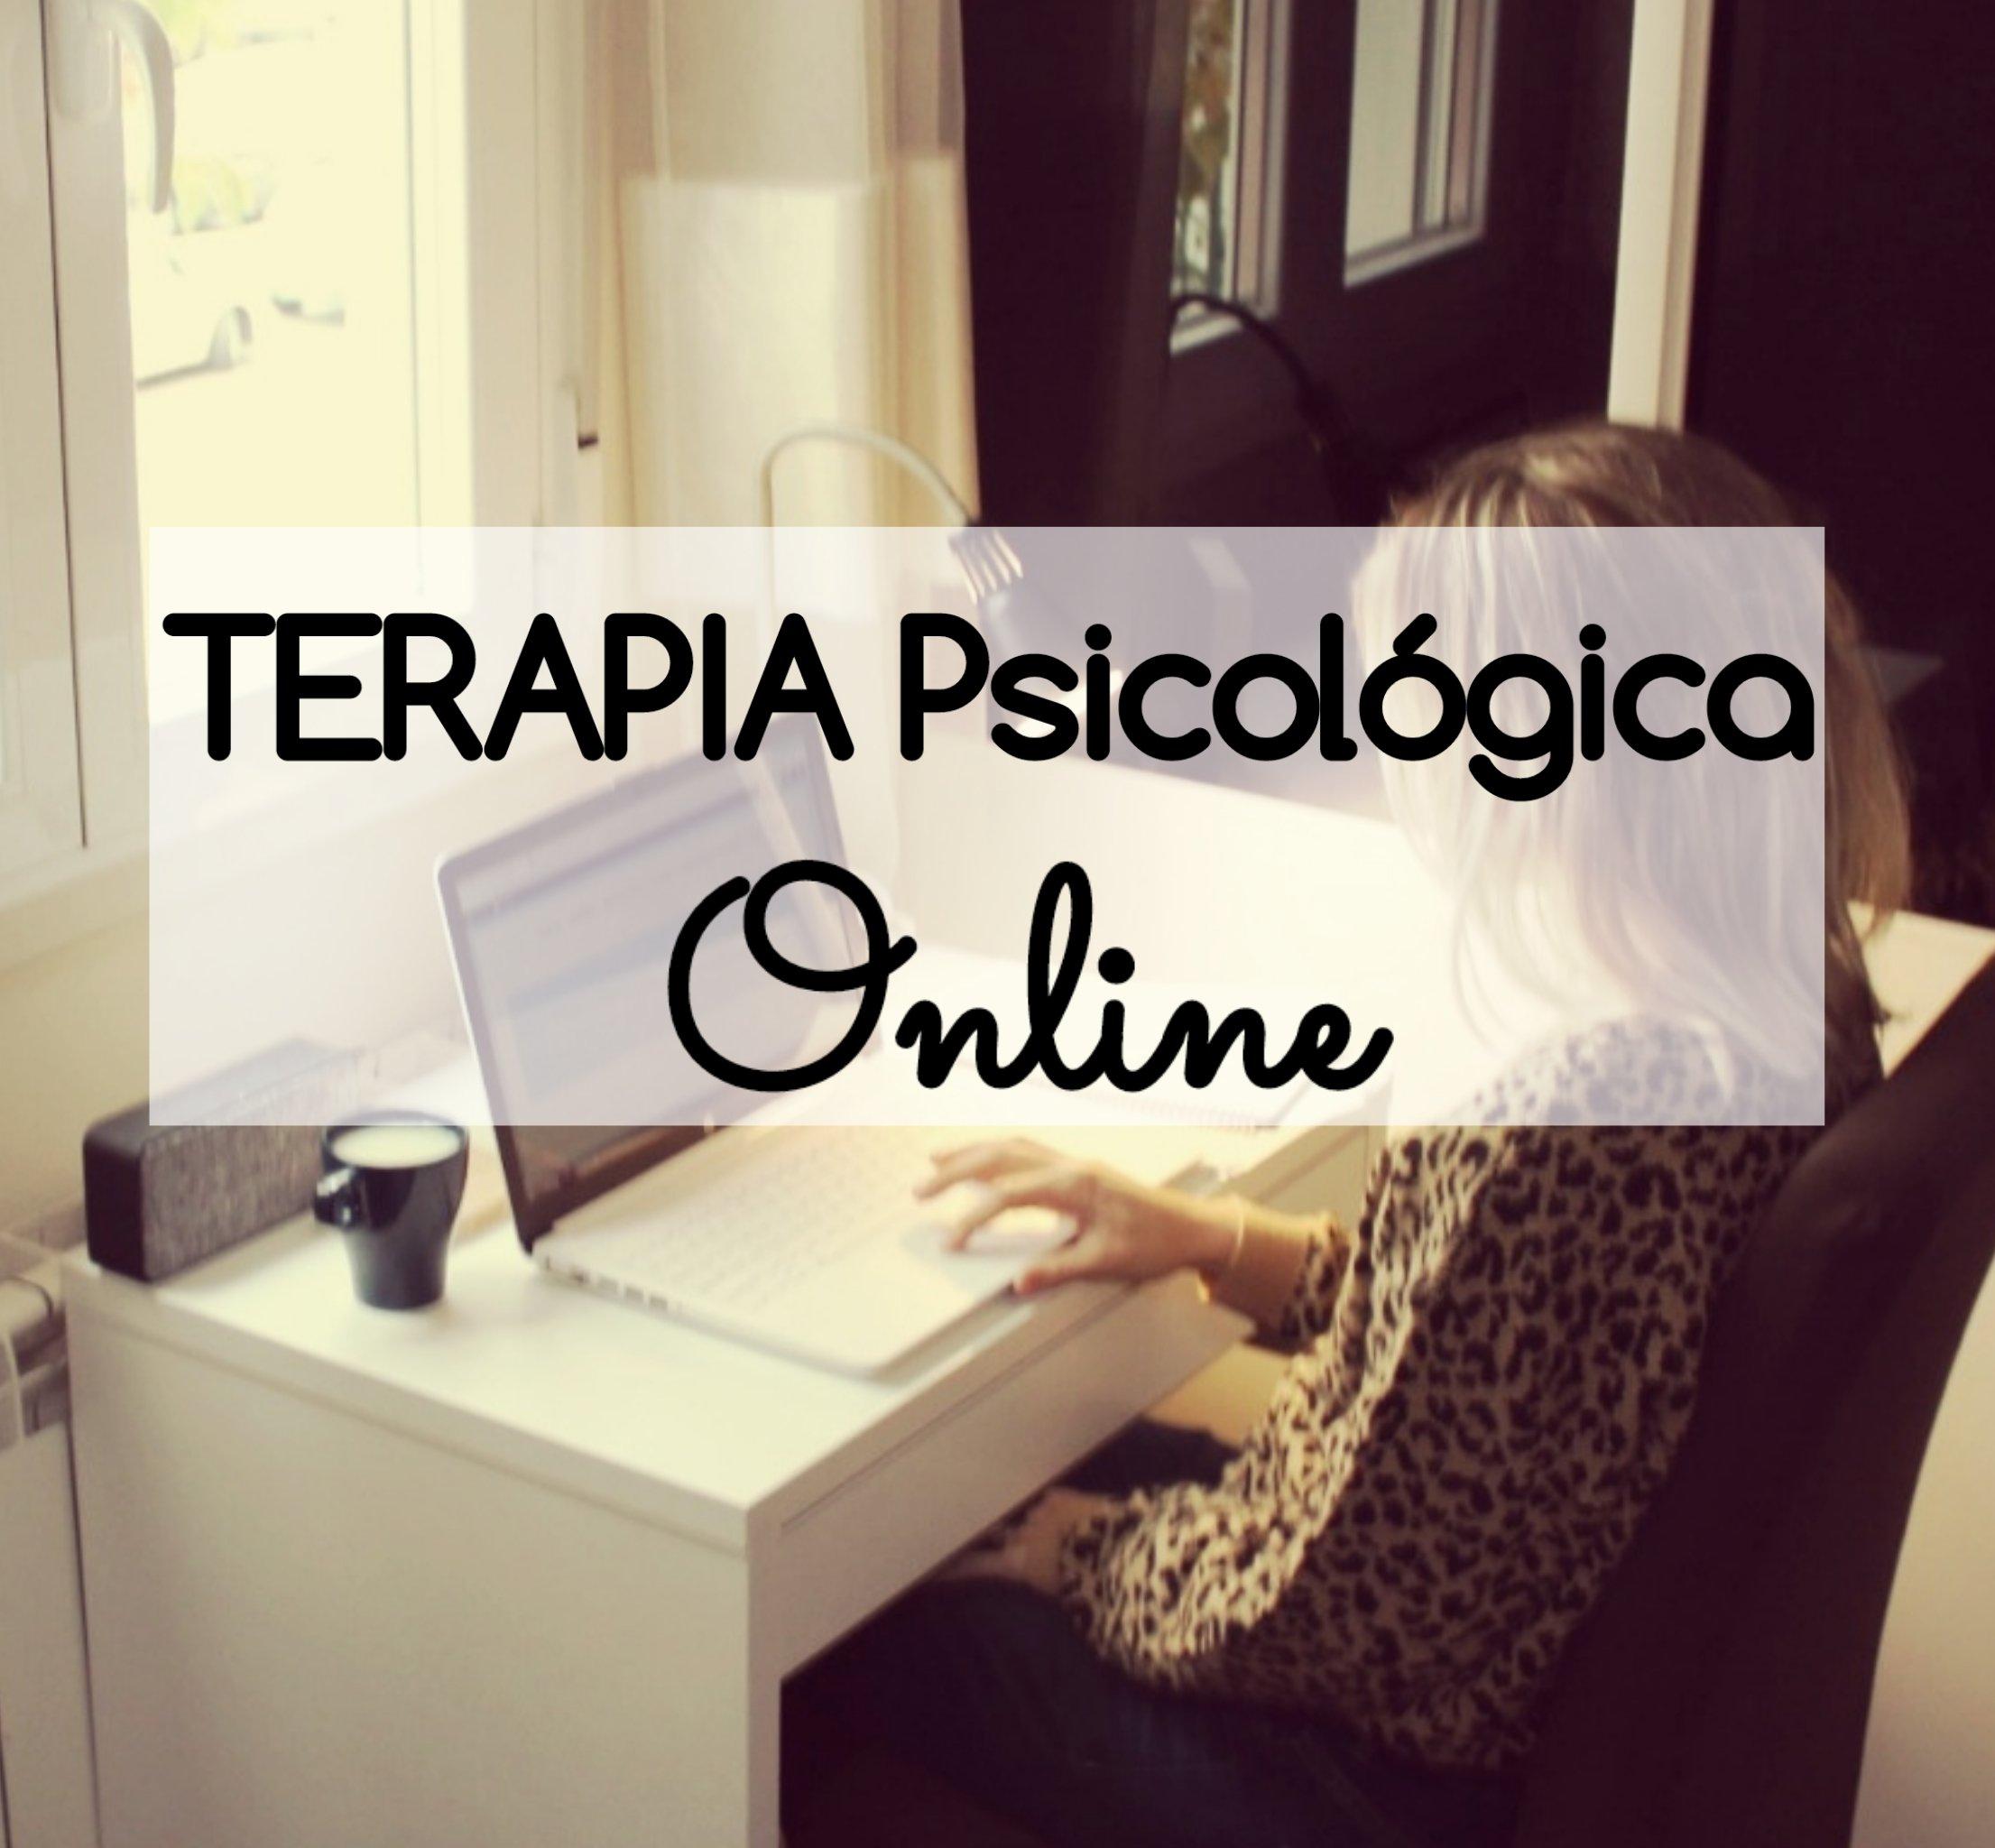 Beterapia psicológica online Charo Poggi psicóloga, sobre una foto de una mujer rubia, joven, sentada en un escritorio mientras teclea su portatil. Hay una taz a su lado y está frente a una ventana.